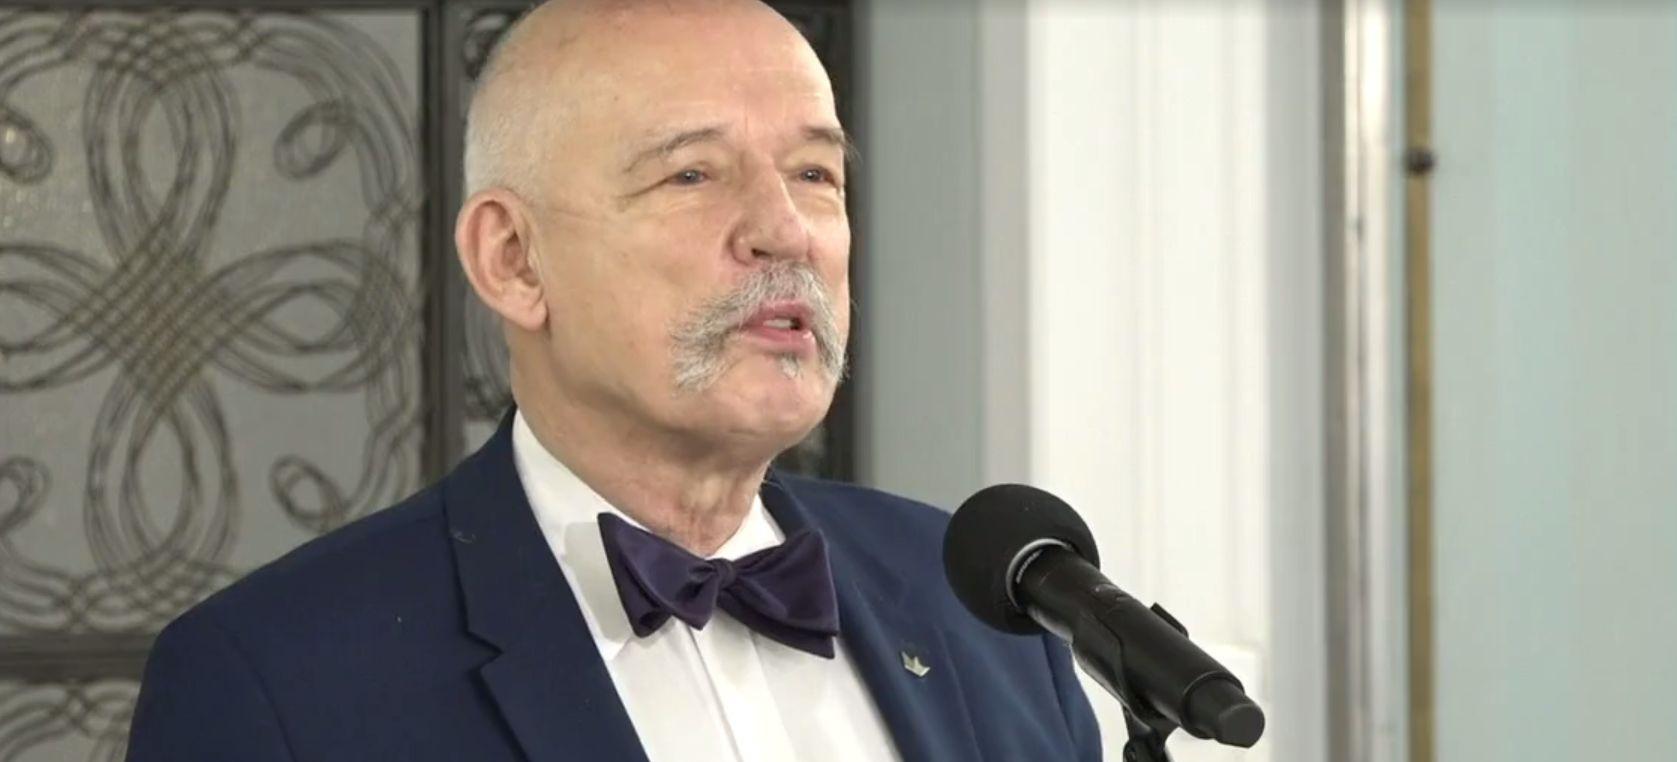 JANUSZ KORWIN-MIKKE: Polską rządzą ludzie, którzy nie mają pojęcia jak wygląda normalna gospodarka! (VIDEO)